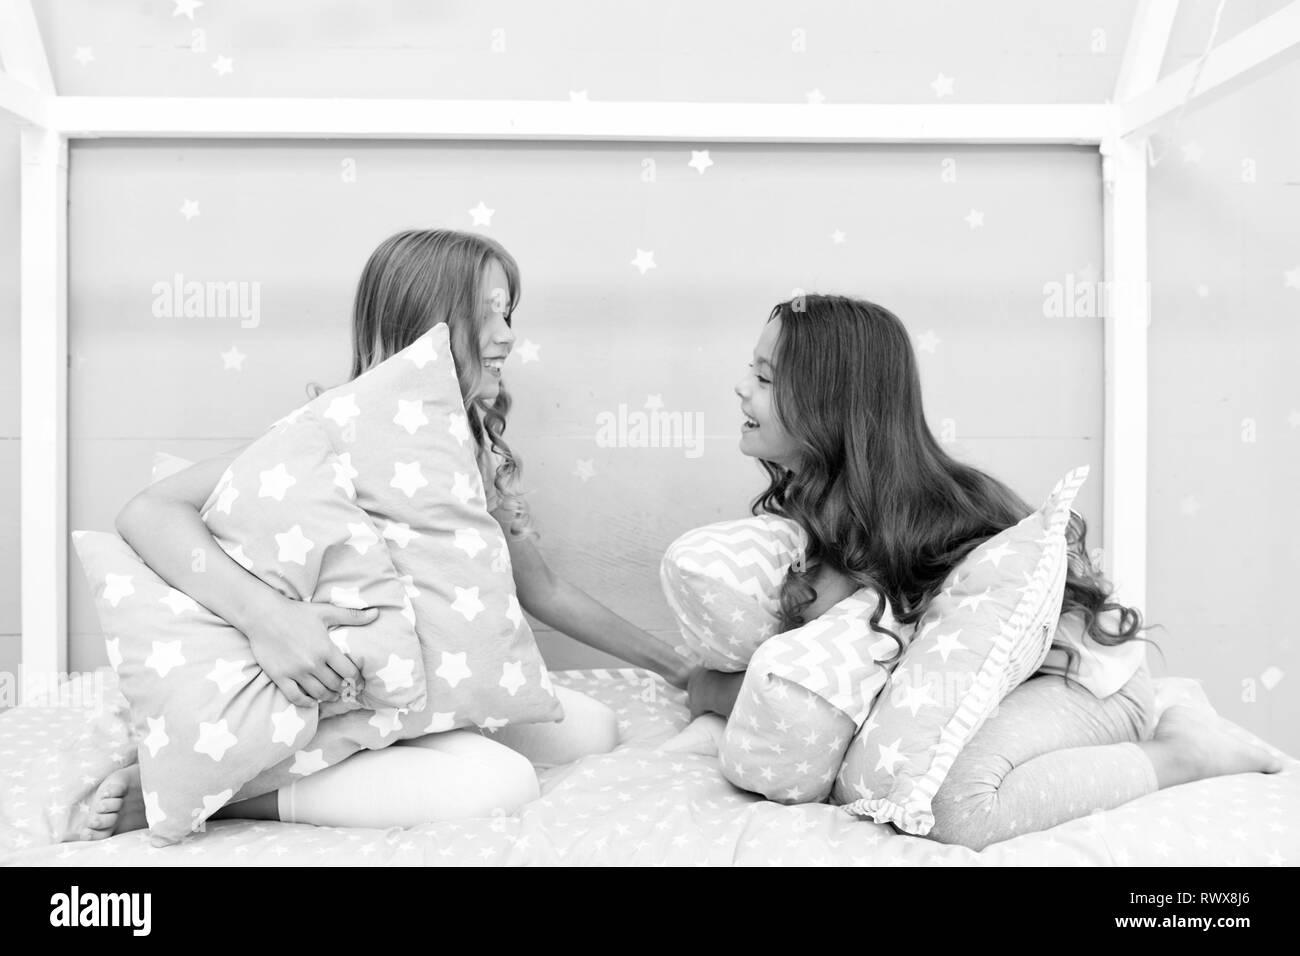 003f5fef6d Lucha de almohadas Pajama Party. Tiempo Sleepover para lucha de almohadas.  Las niñas sleepover